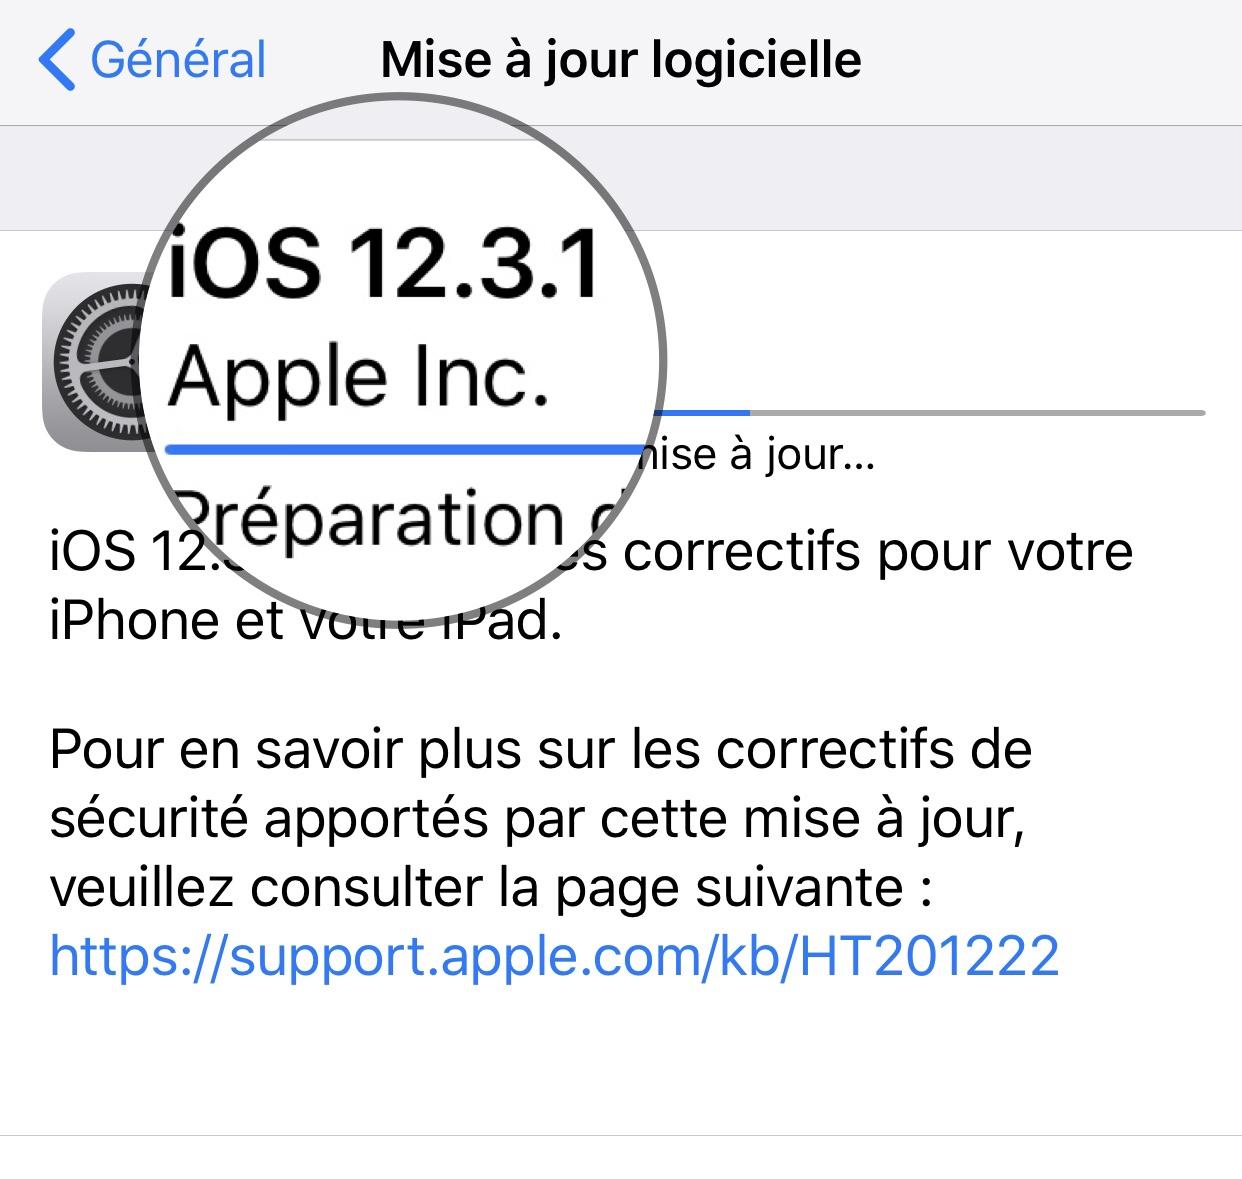 Sortie d'iOS 12.3.1 : version corrective pour iPhone et iPad, liste des modifications 1